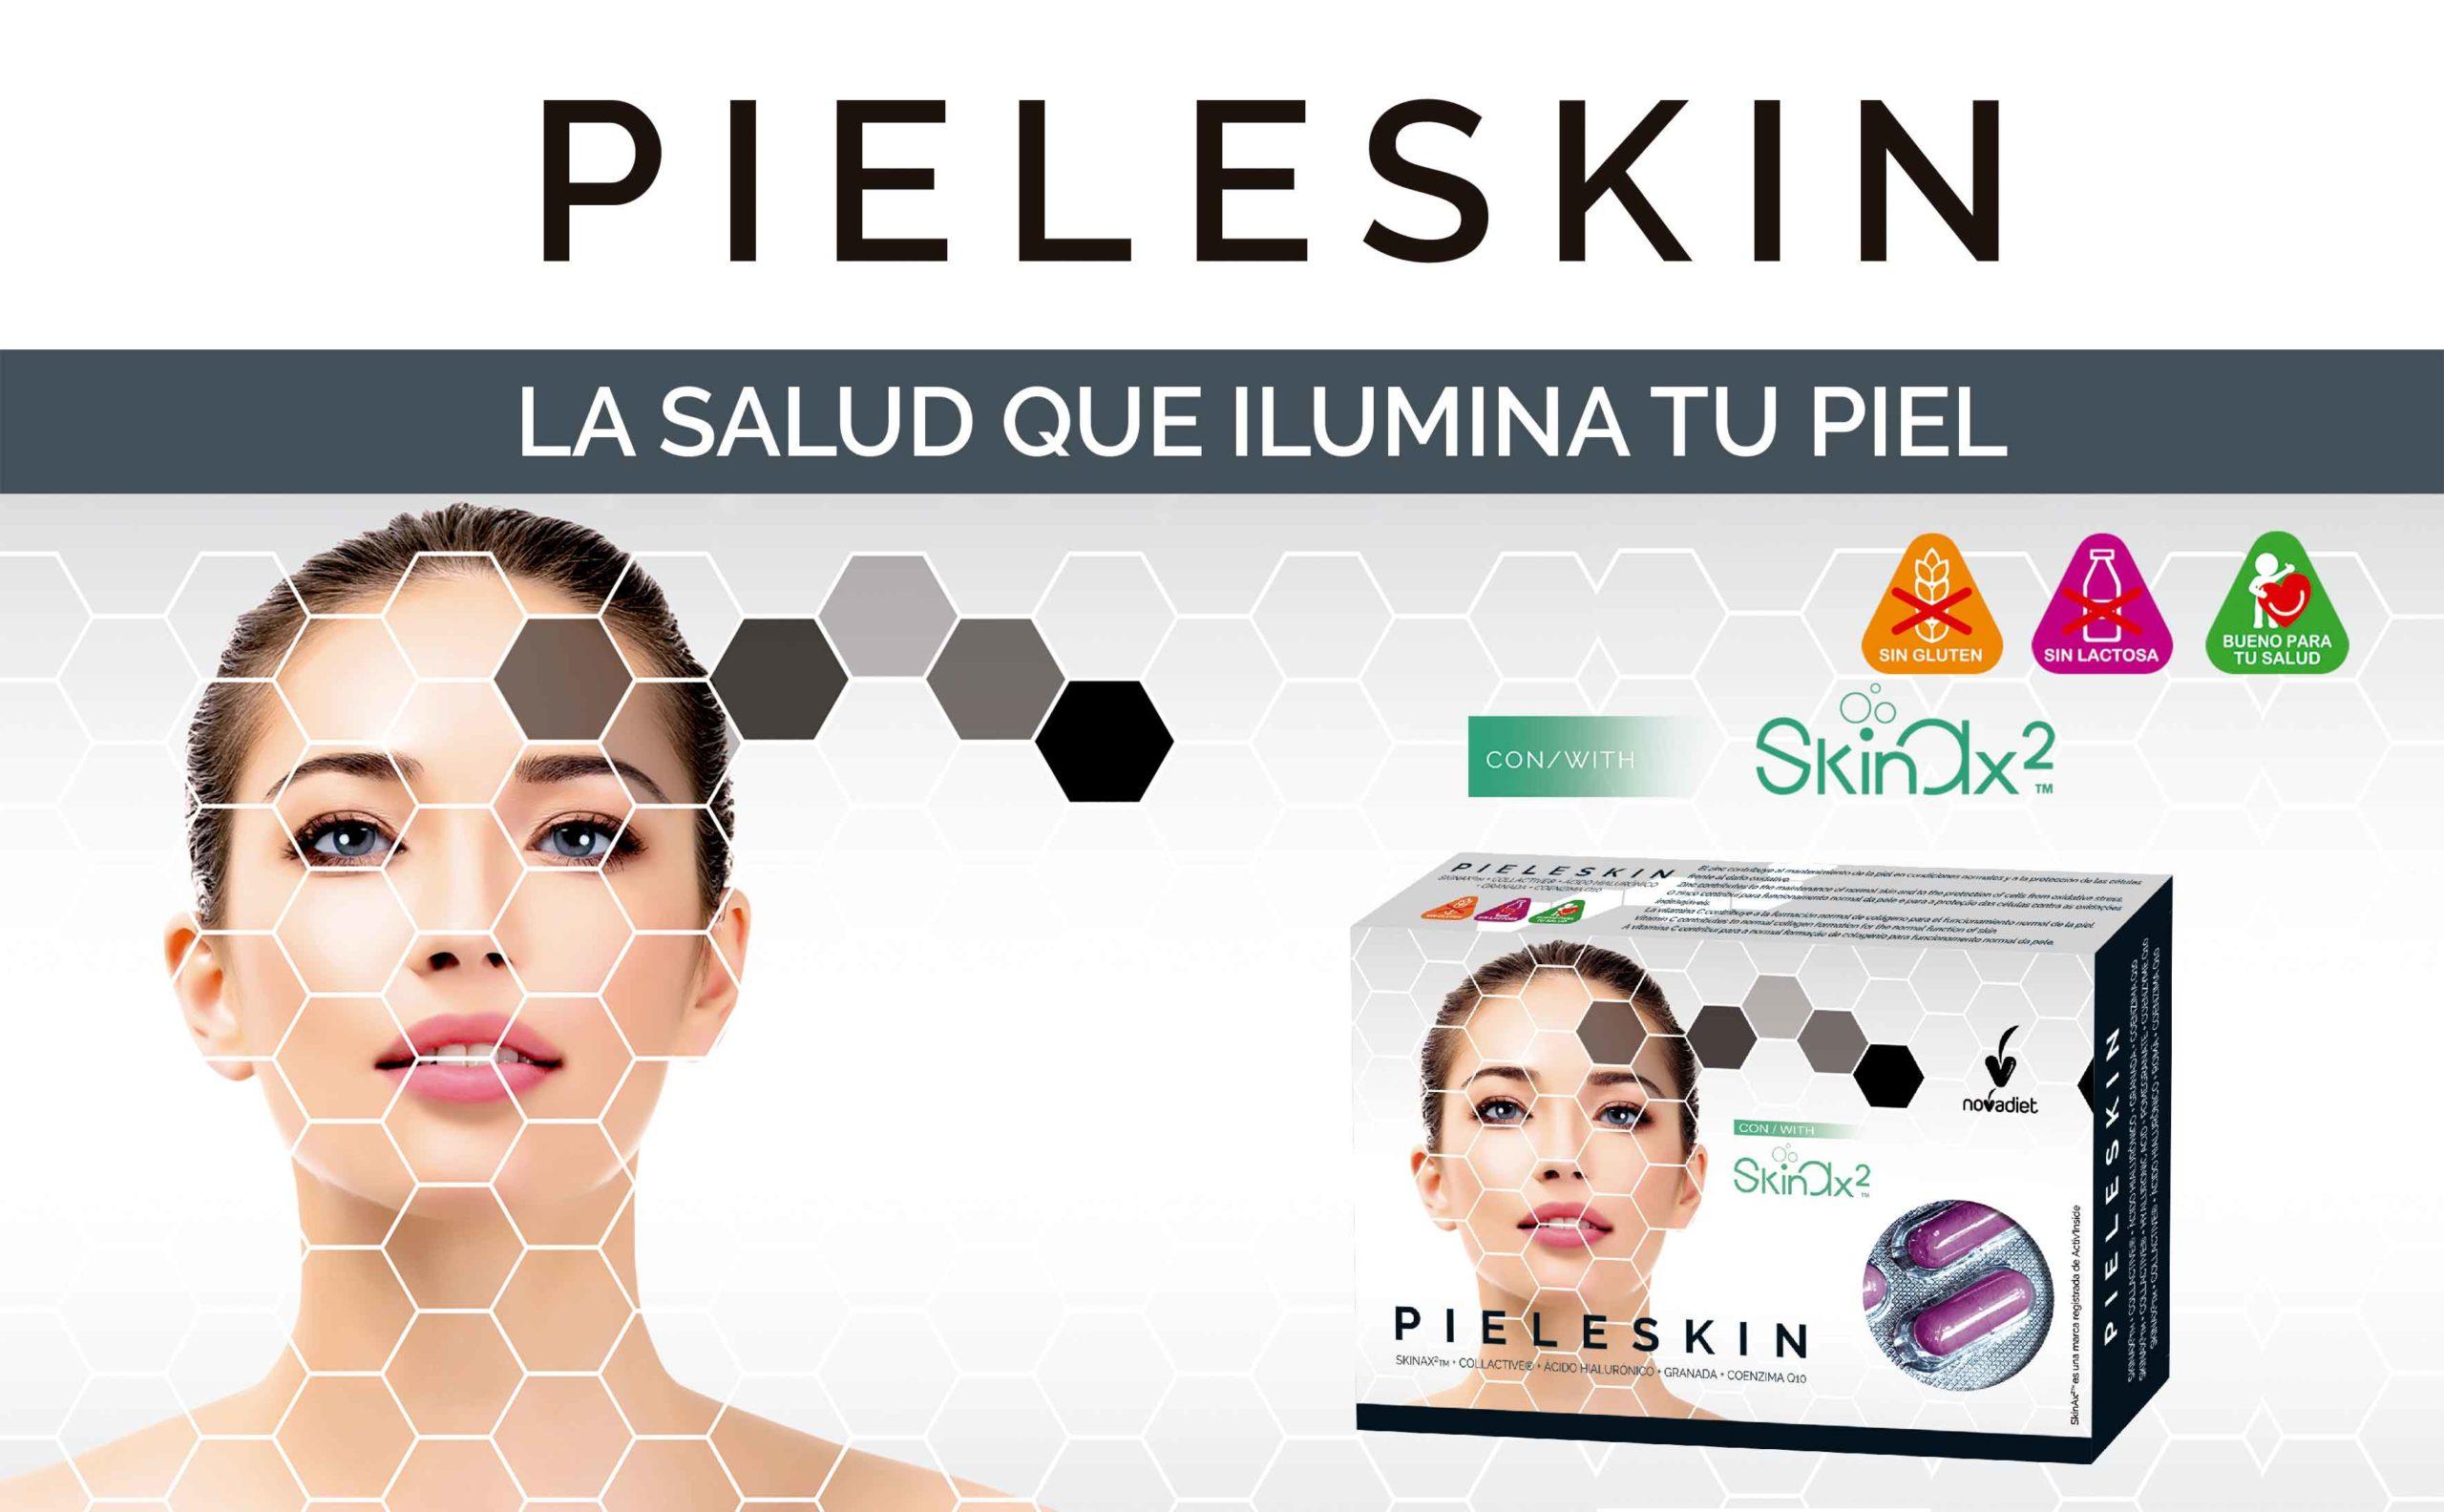 Pieleskin, la salud que ilumina tu piel